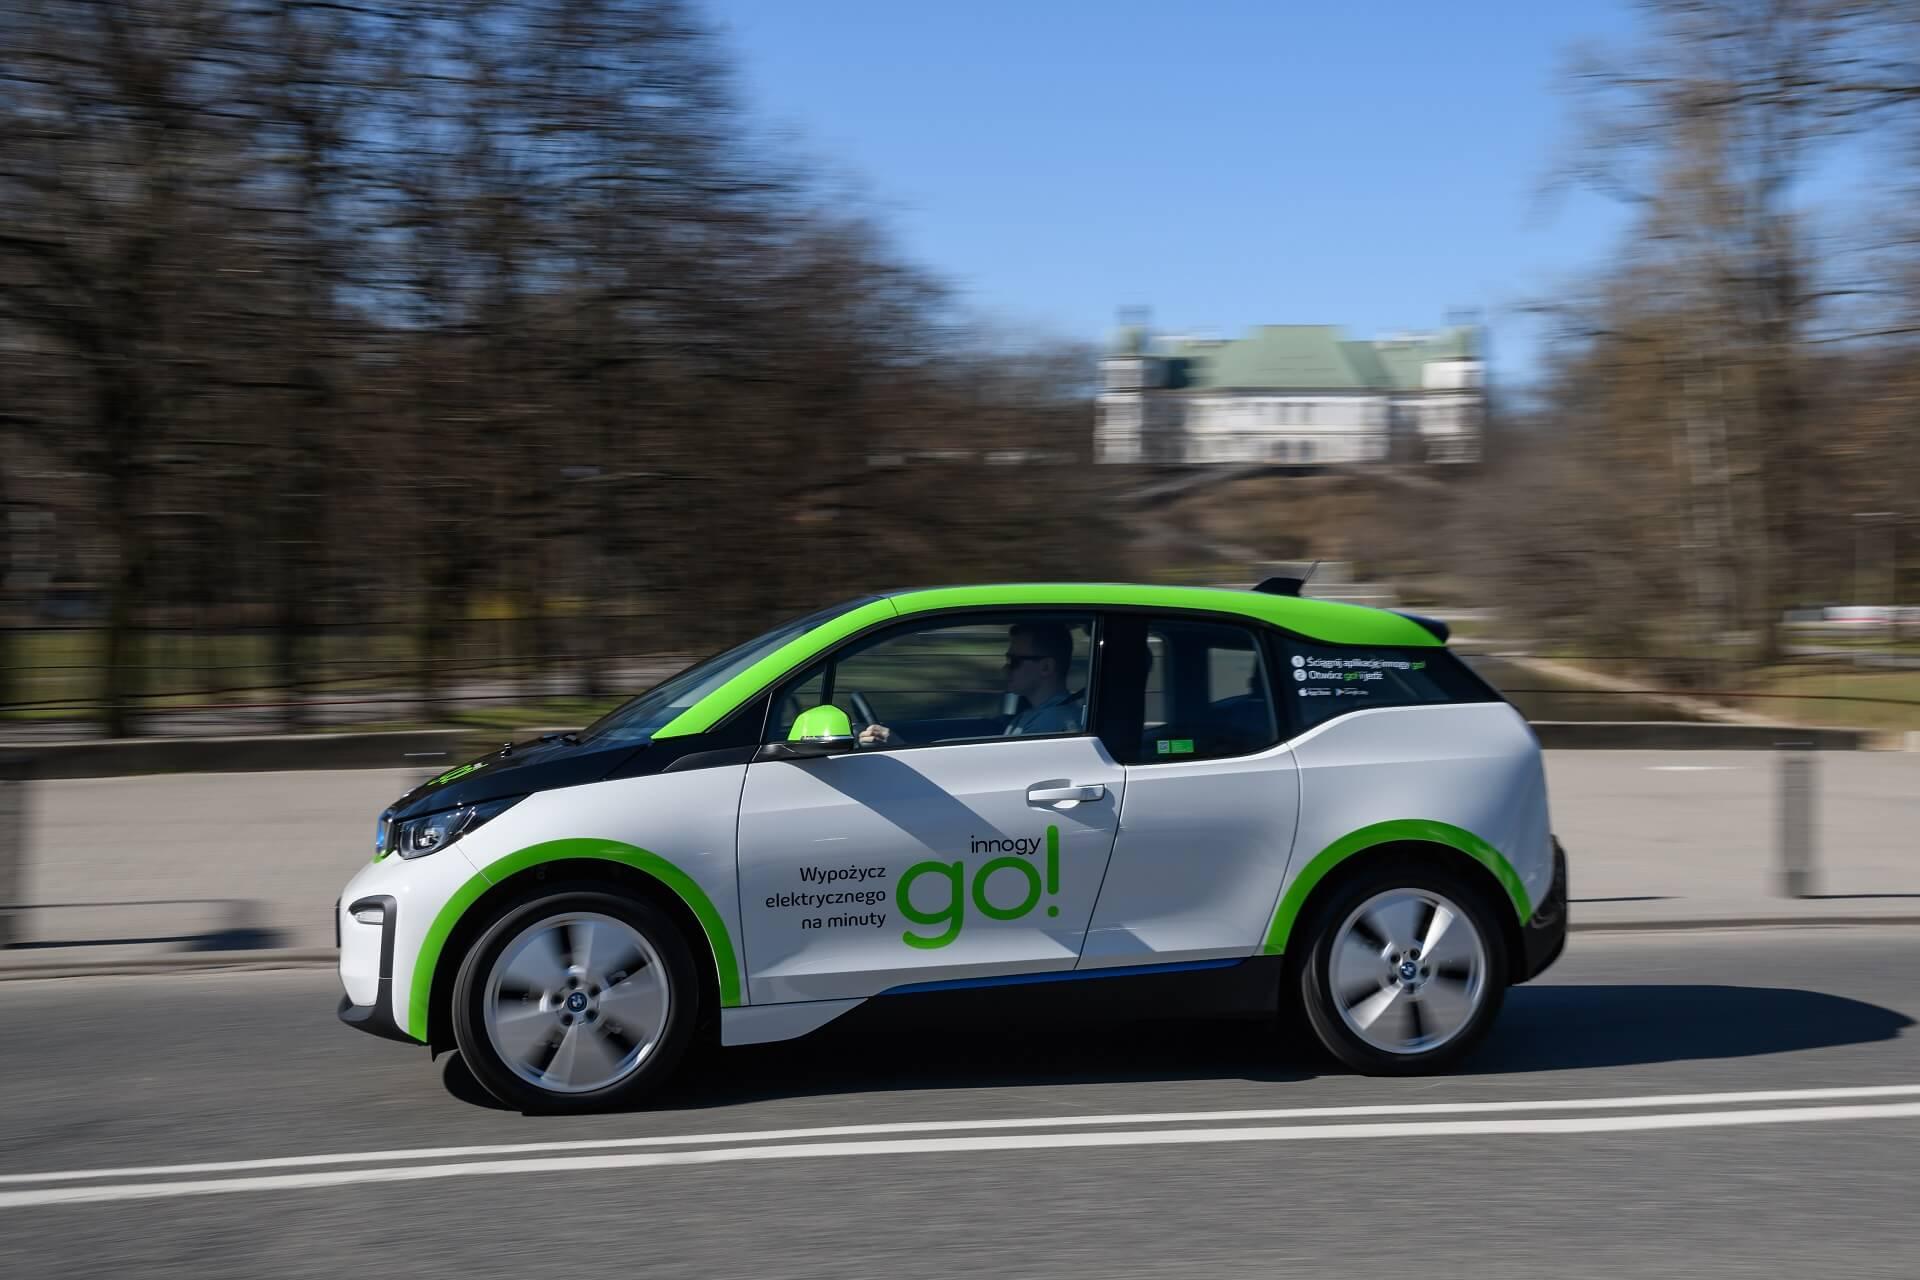 500 электромобилей BMW i3 стали доступны для каршеринга в Варшаве